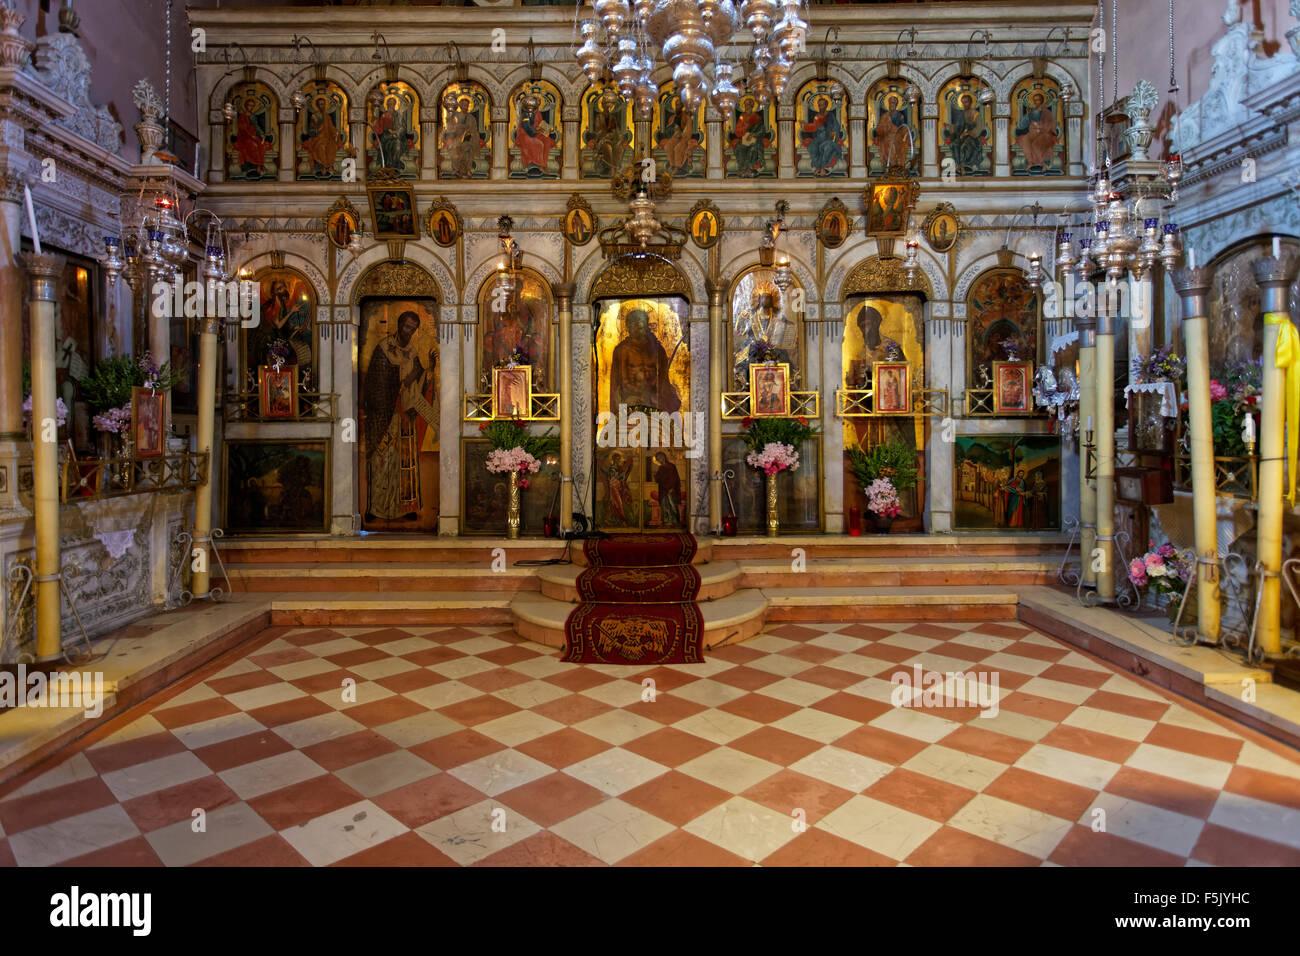 Greek Orthodox altar in the monastery church, monastery of Panagia Theotokos tis Paleokastritsas or Panagia Theotokos - Stock Image